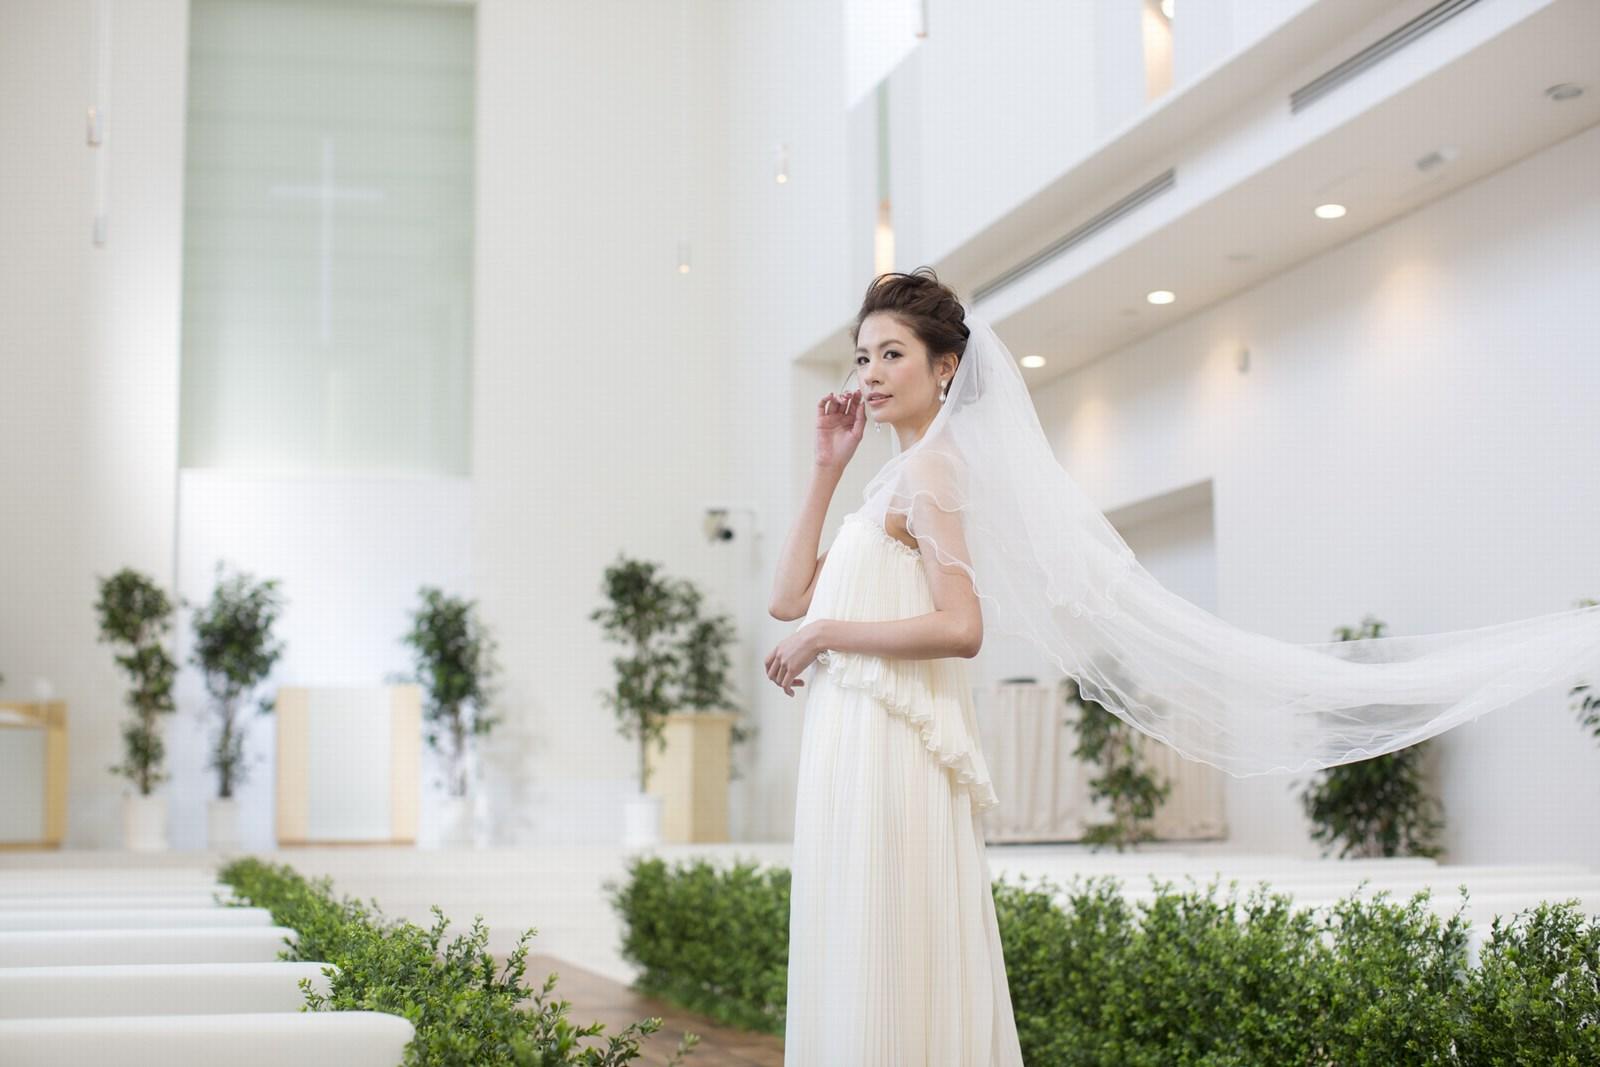 徳島県の結婚式場ブランアンジュのウエディングベール